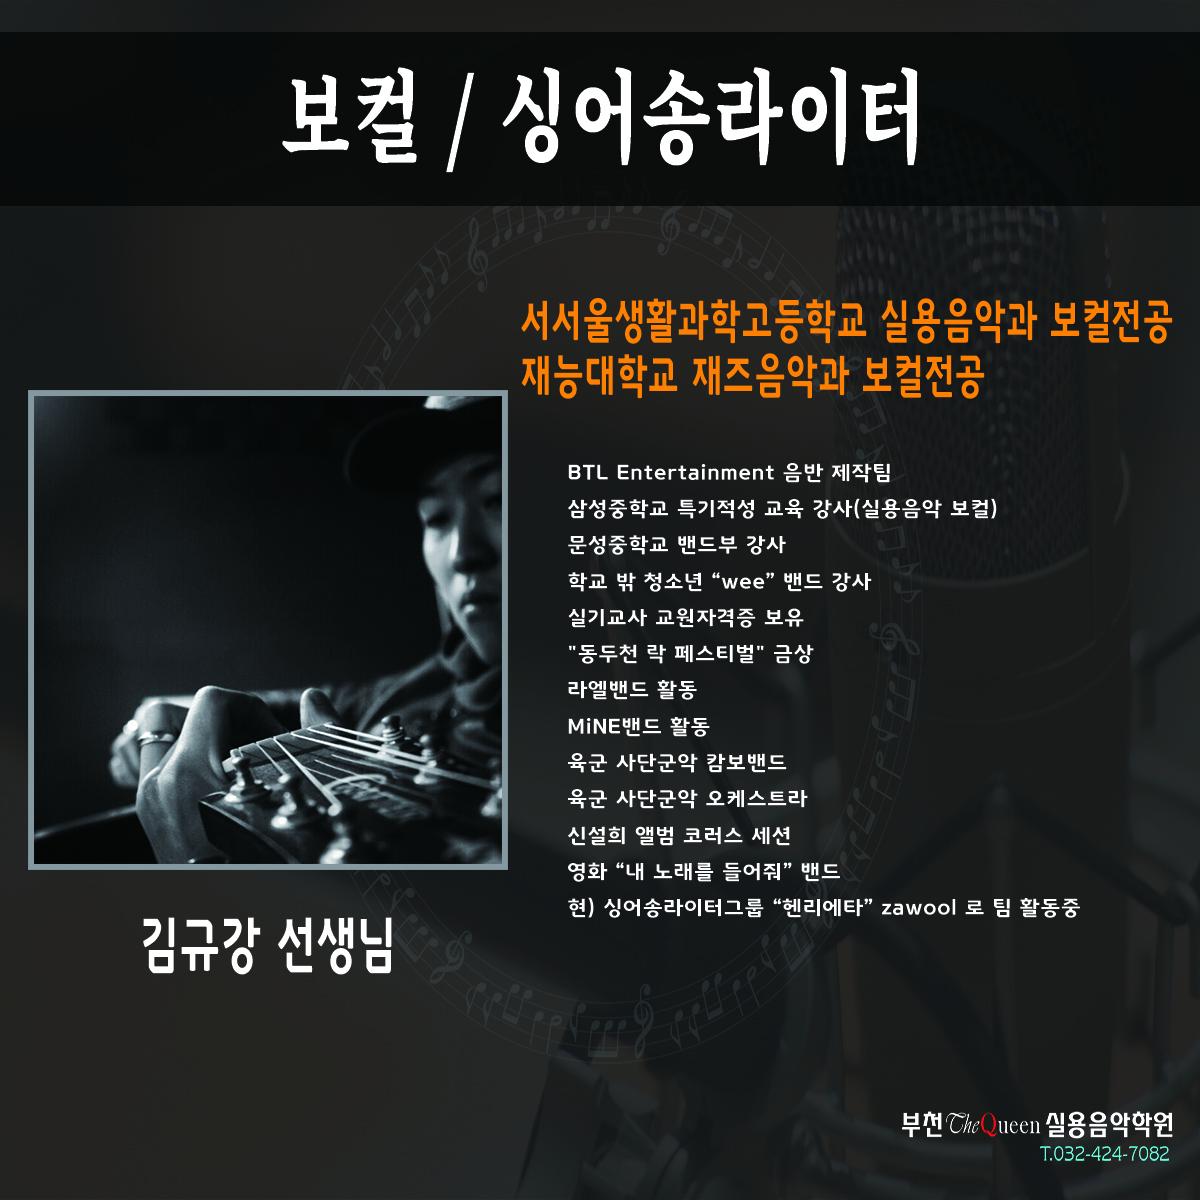 보컬,싱어송라이터_김규강_선생님_프로필 인스타